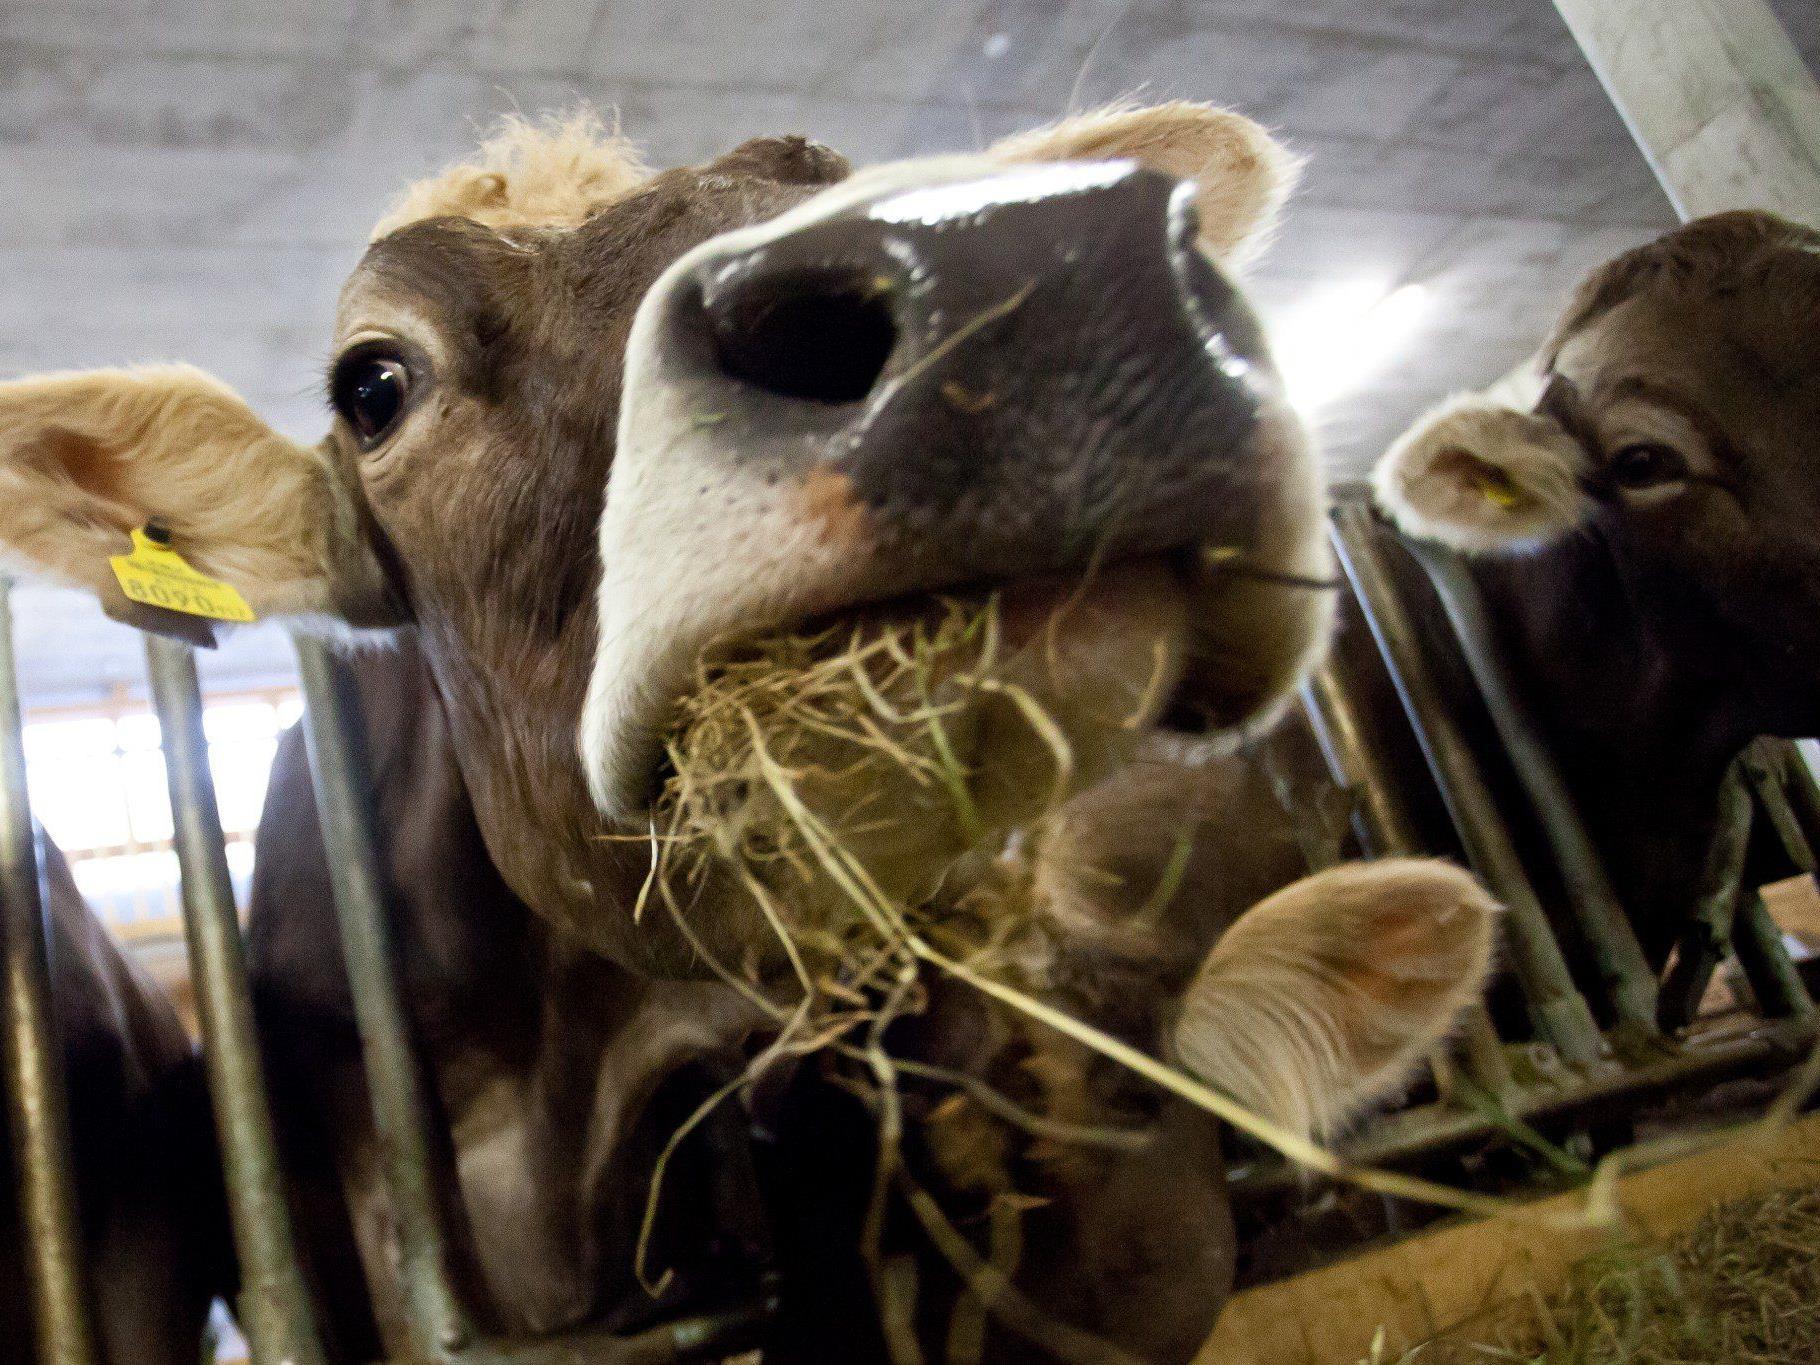 Von Rind zu Rind kann das Bakterium durch Einatmen, ausgehustete Tröpfchen sowie infiziertes Wasser und Futter übertragen werden.